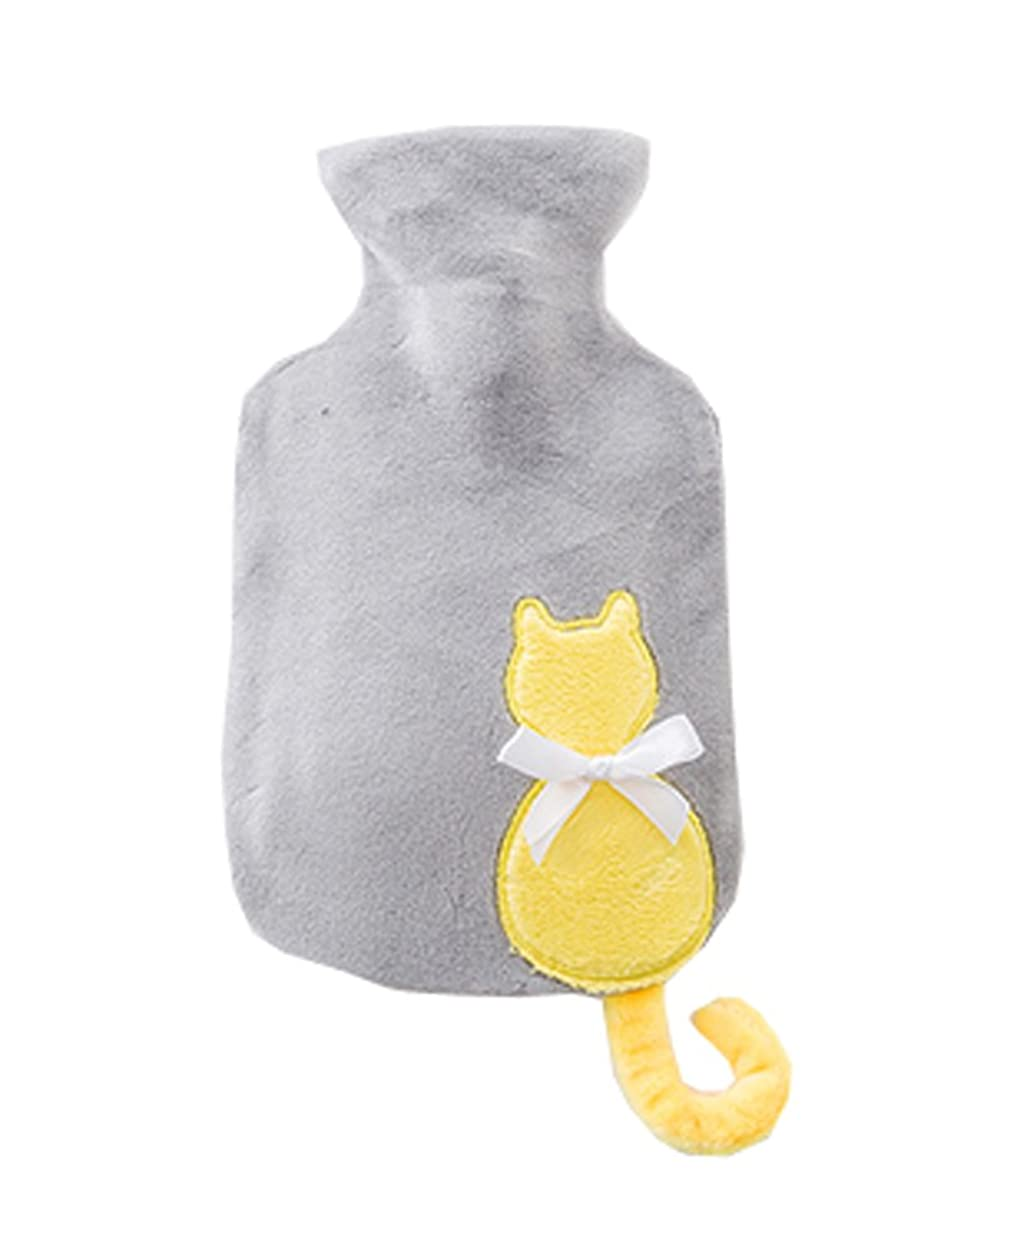 修正する破産フォルダ漫画の猫ぬいぐるみラバーミニウォームハンドバッグ、黄色の猫